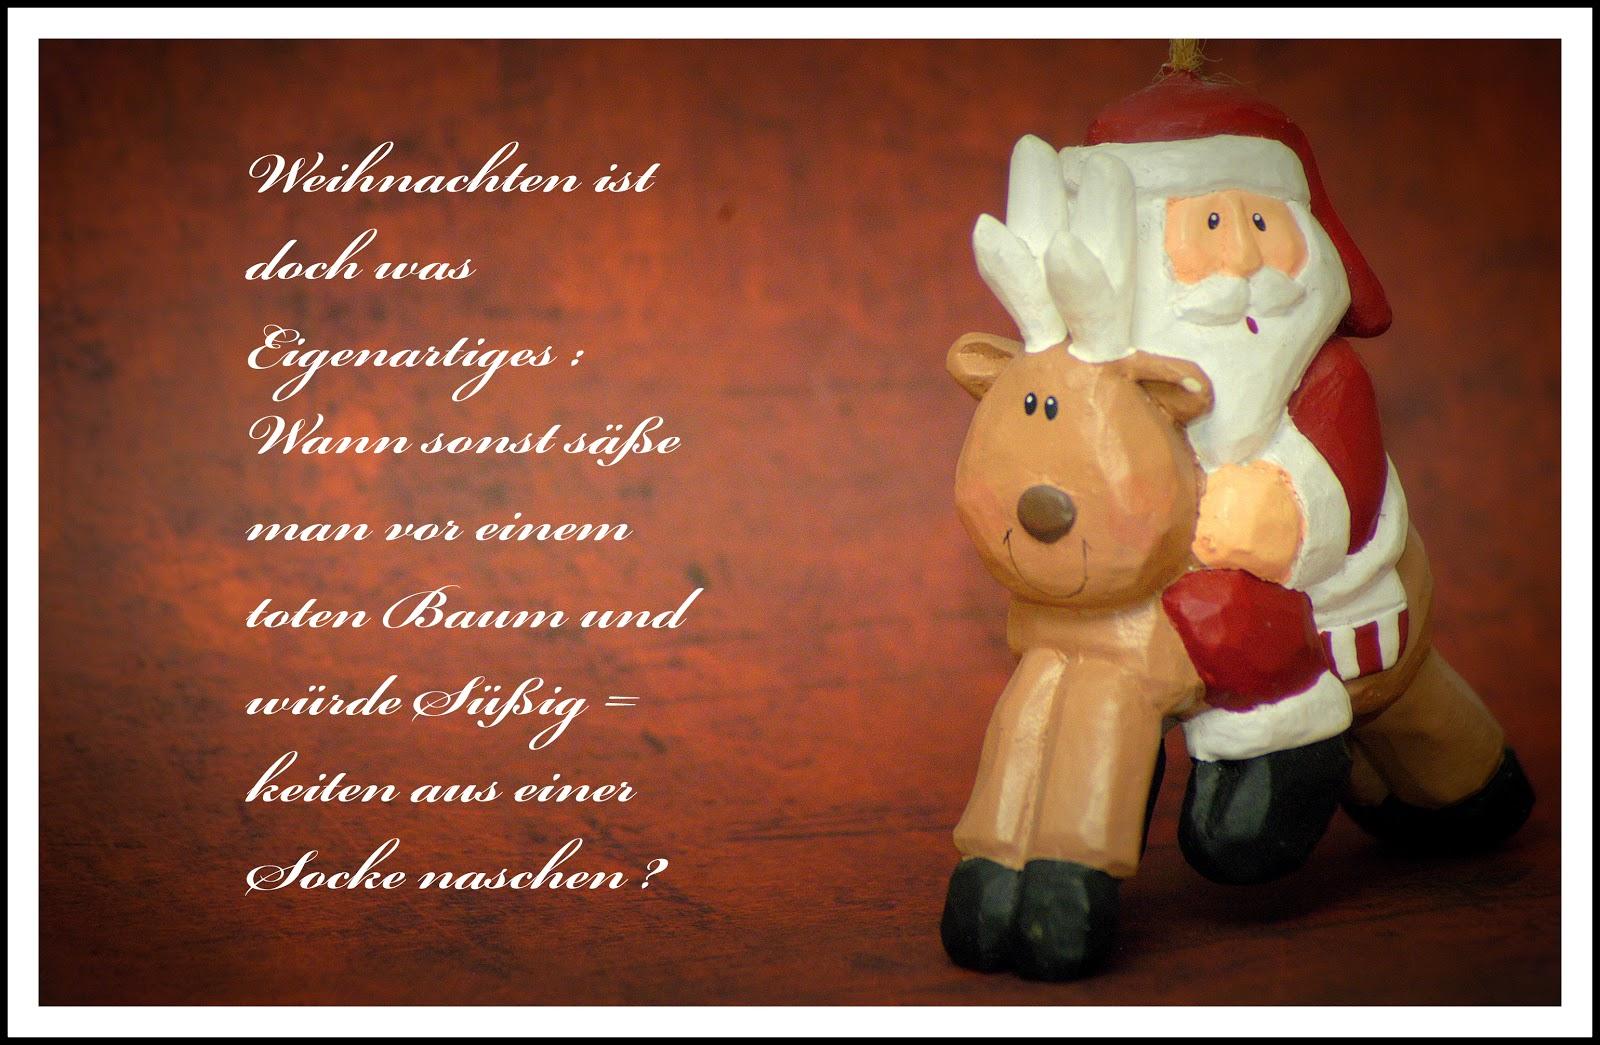 Weihnachten Grüße Wünsche.Papier Und Holz Frohe Weihnachten